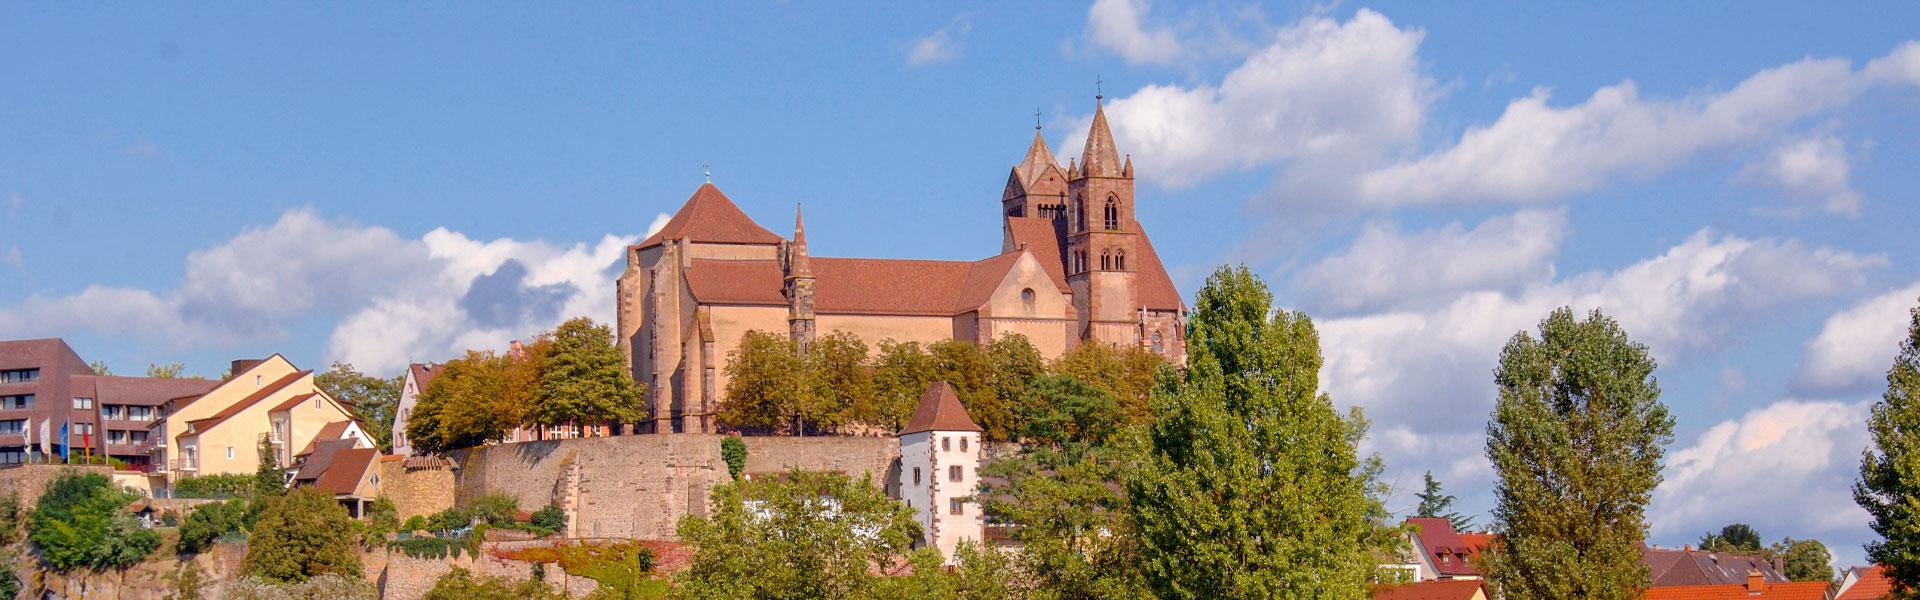 Anzeige Der Artikel Nach Schlagwörtern 79206 Breisach Am Rhein